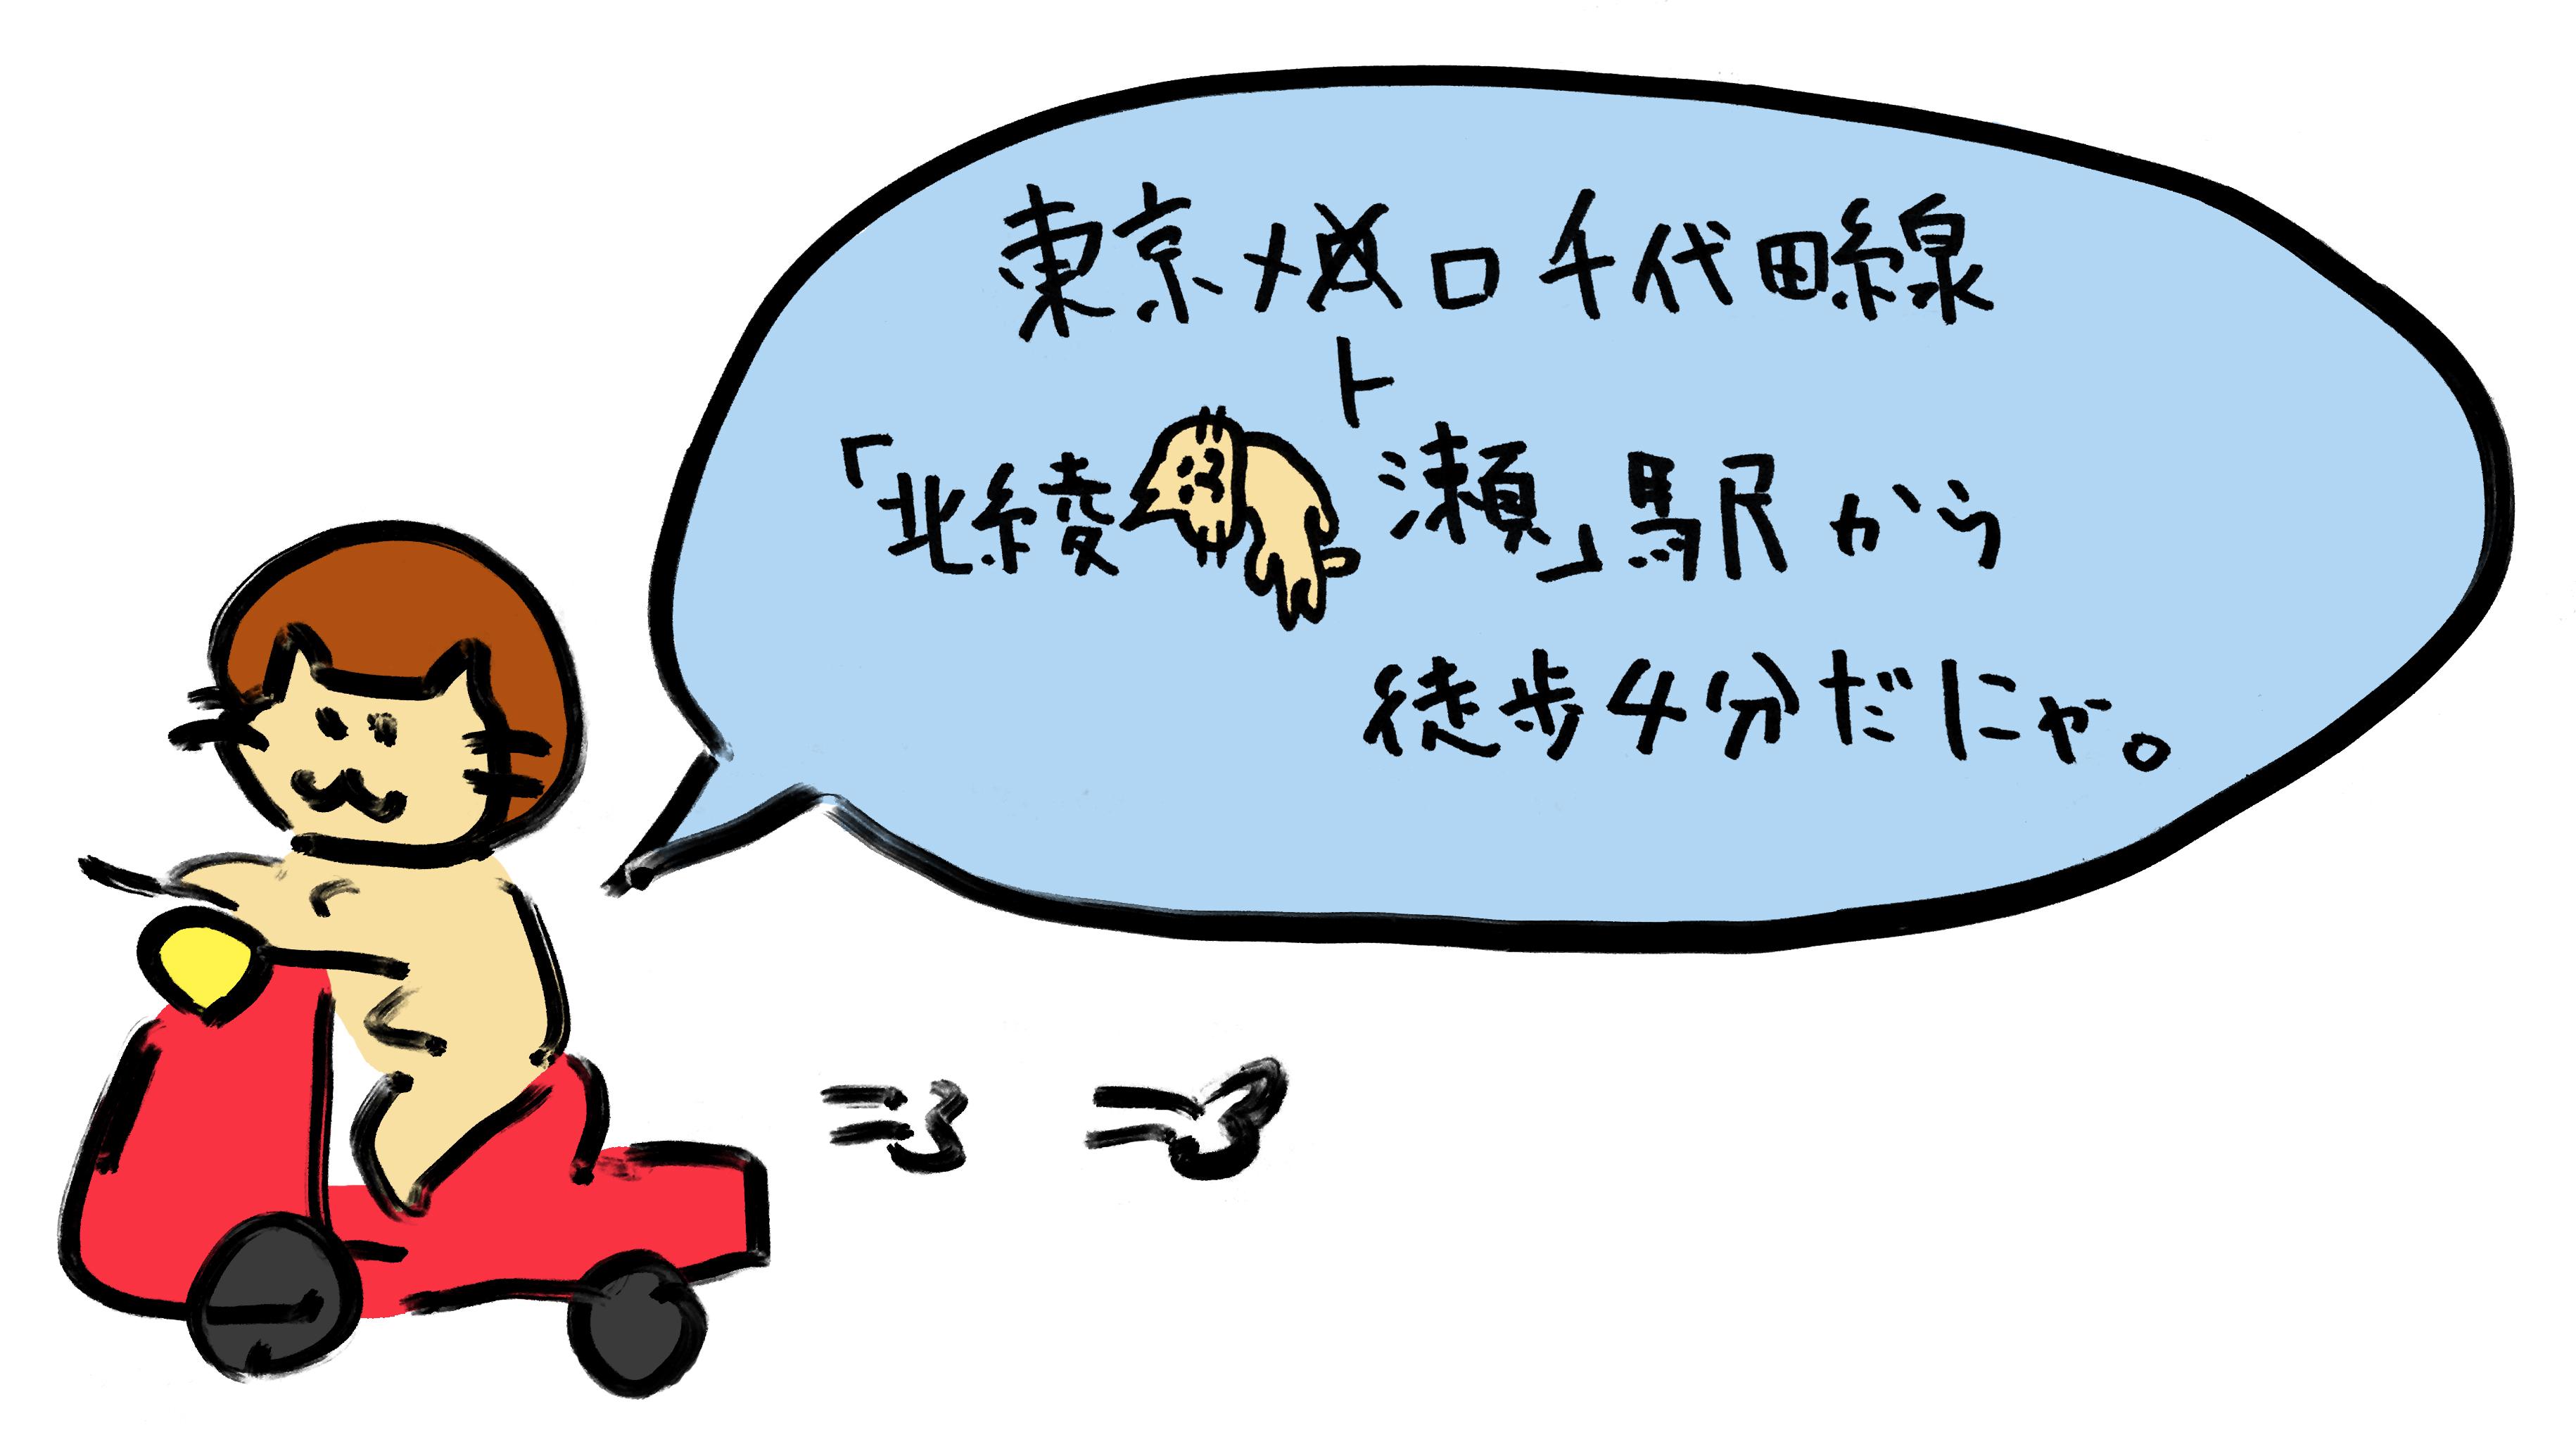 東京メトロ千代田線「北綾瀬駅」から徒歩4分だにゃ。